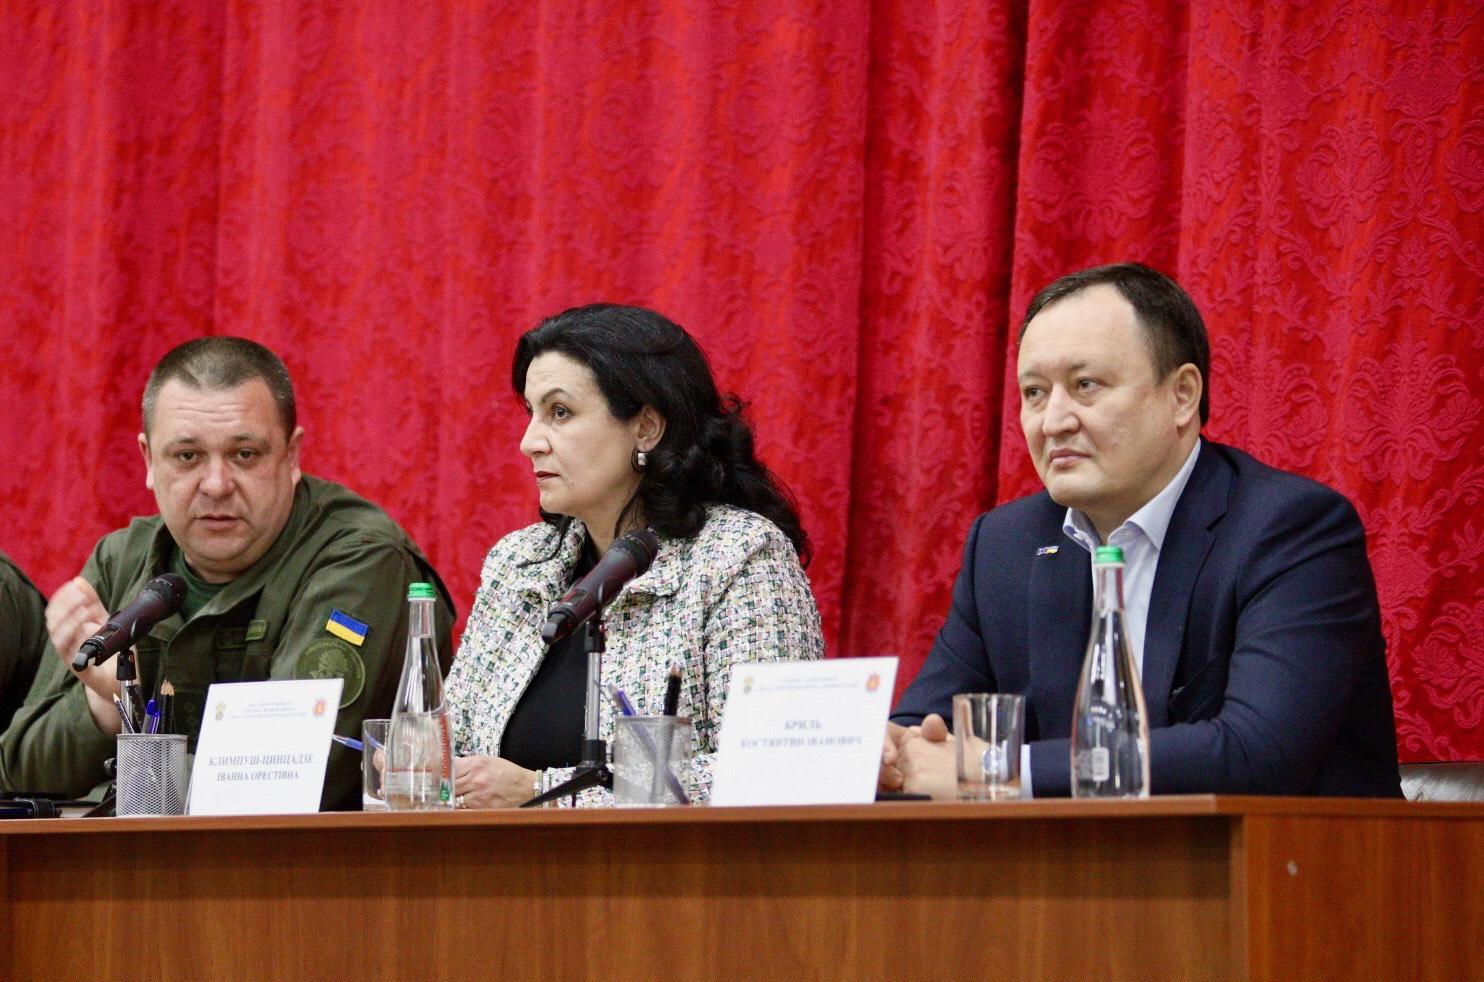 Найближчим часом Уряд ухвалить рішення щодо роботи державних органів влади відповідно до курсу на європейську та євроатлантичну інтеграцію, - Іванна Климпуш-Цинцадзе